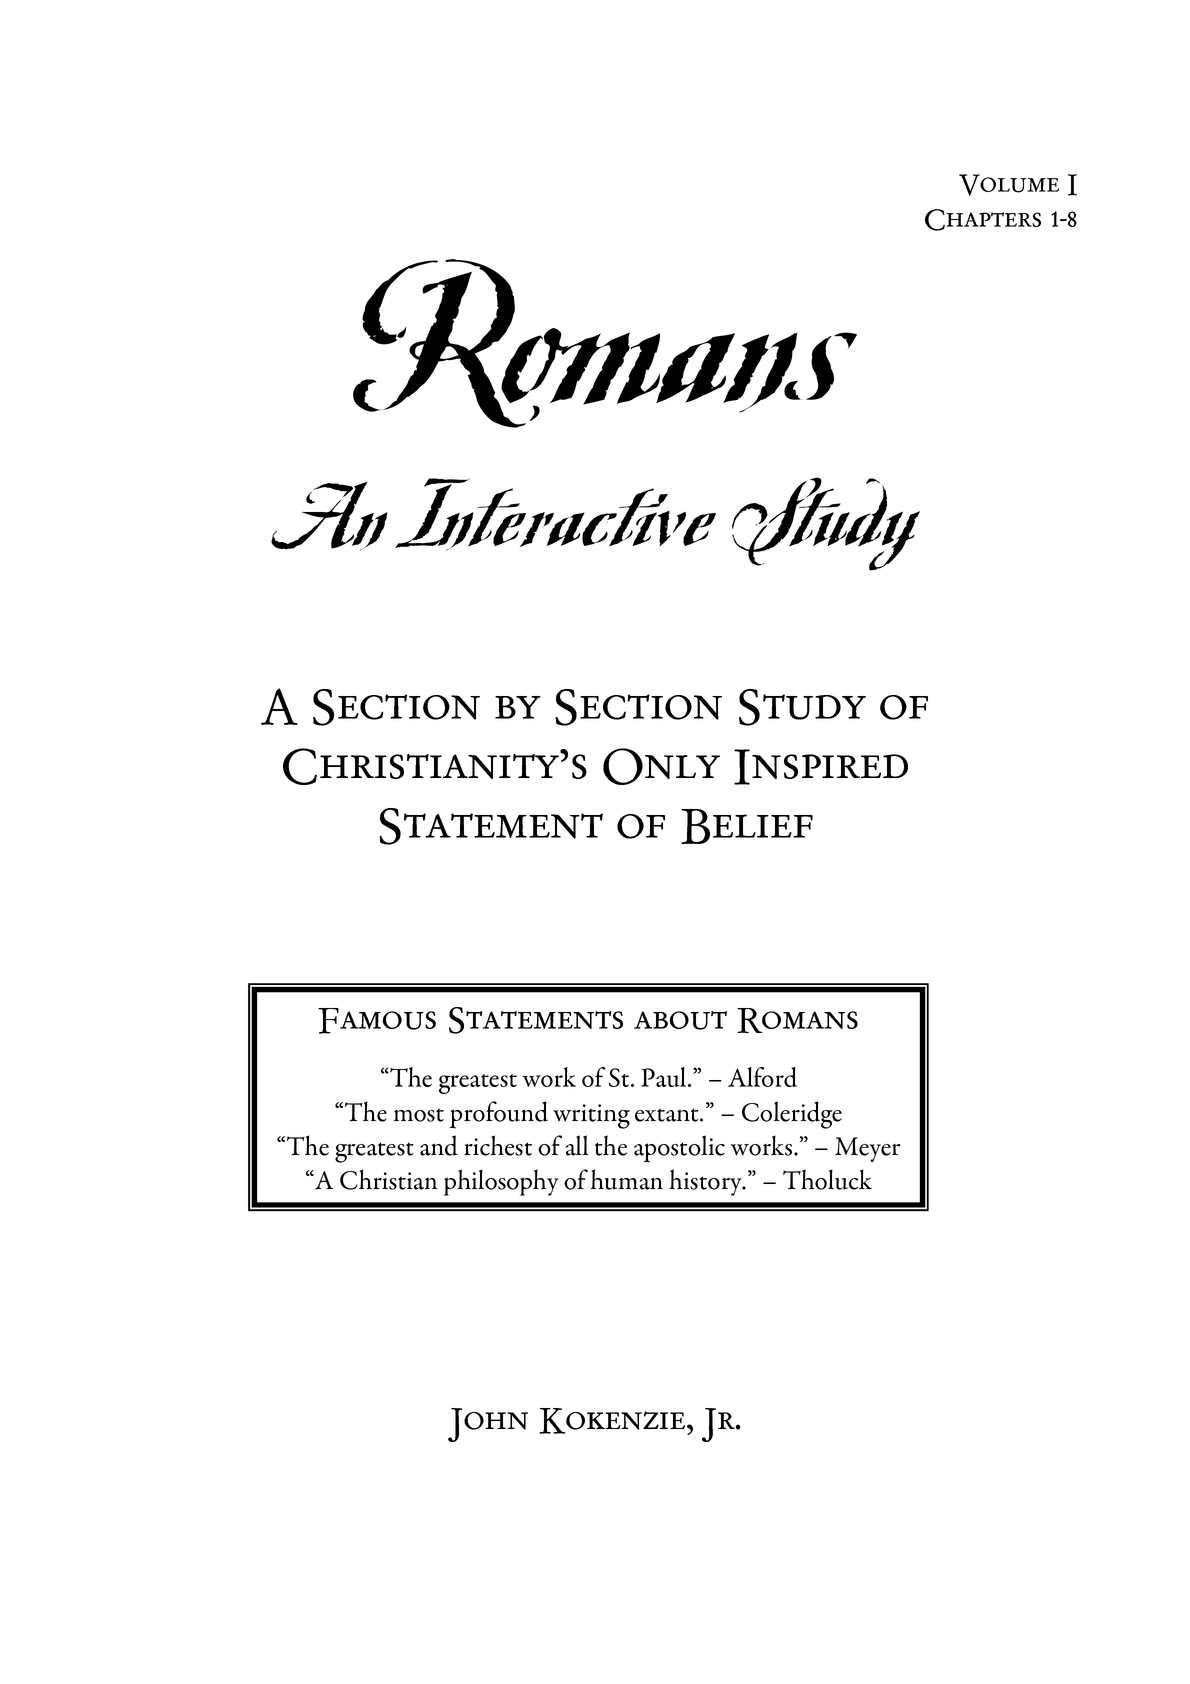 Calaméo - Romans: An Interactive Study v 1 chs  1-8